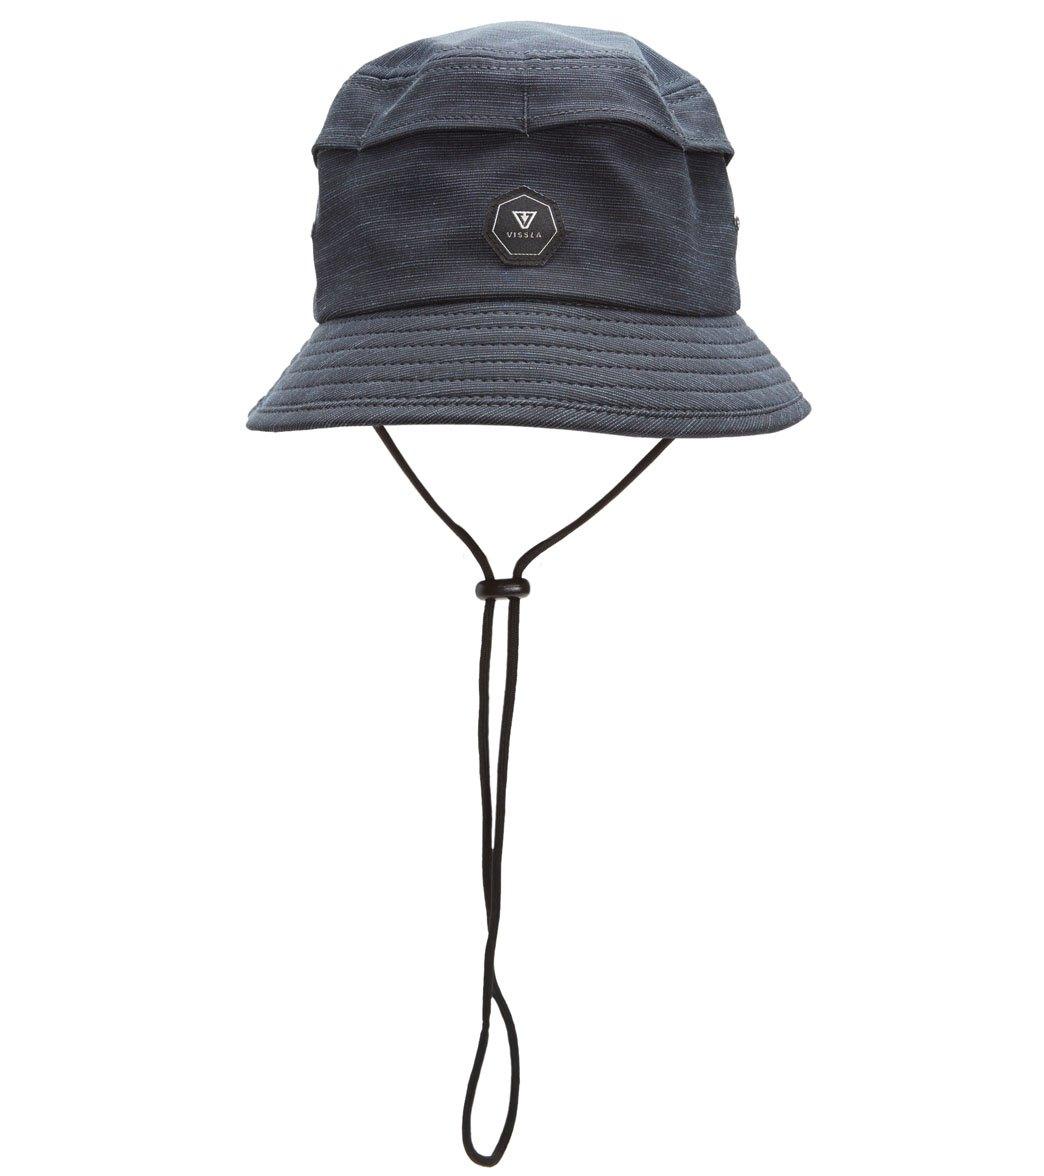 aae52456857d8a Vissla Men's Little Hatch Surf Boonie Hat at SwimOutlet.com